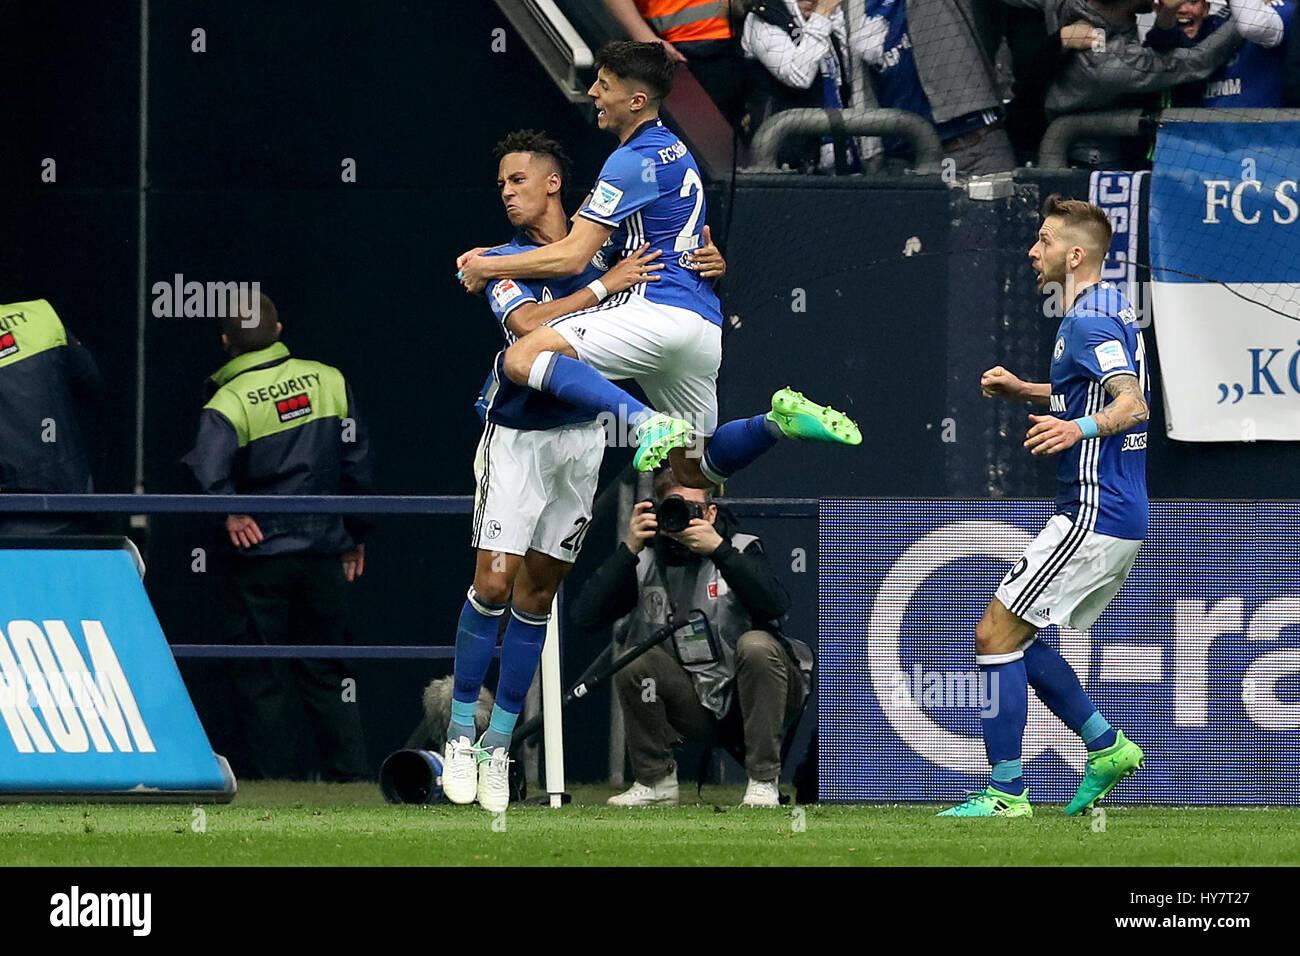 Gelsenkirchen. 1 apr, 2017. Thilo Kehrer (L) di FC Schalke 04 celebra con i suoi compagni di squadra dopo il punteggio Foto Stock